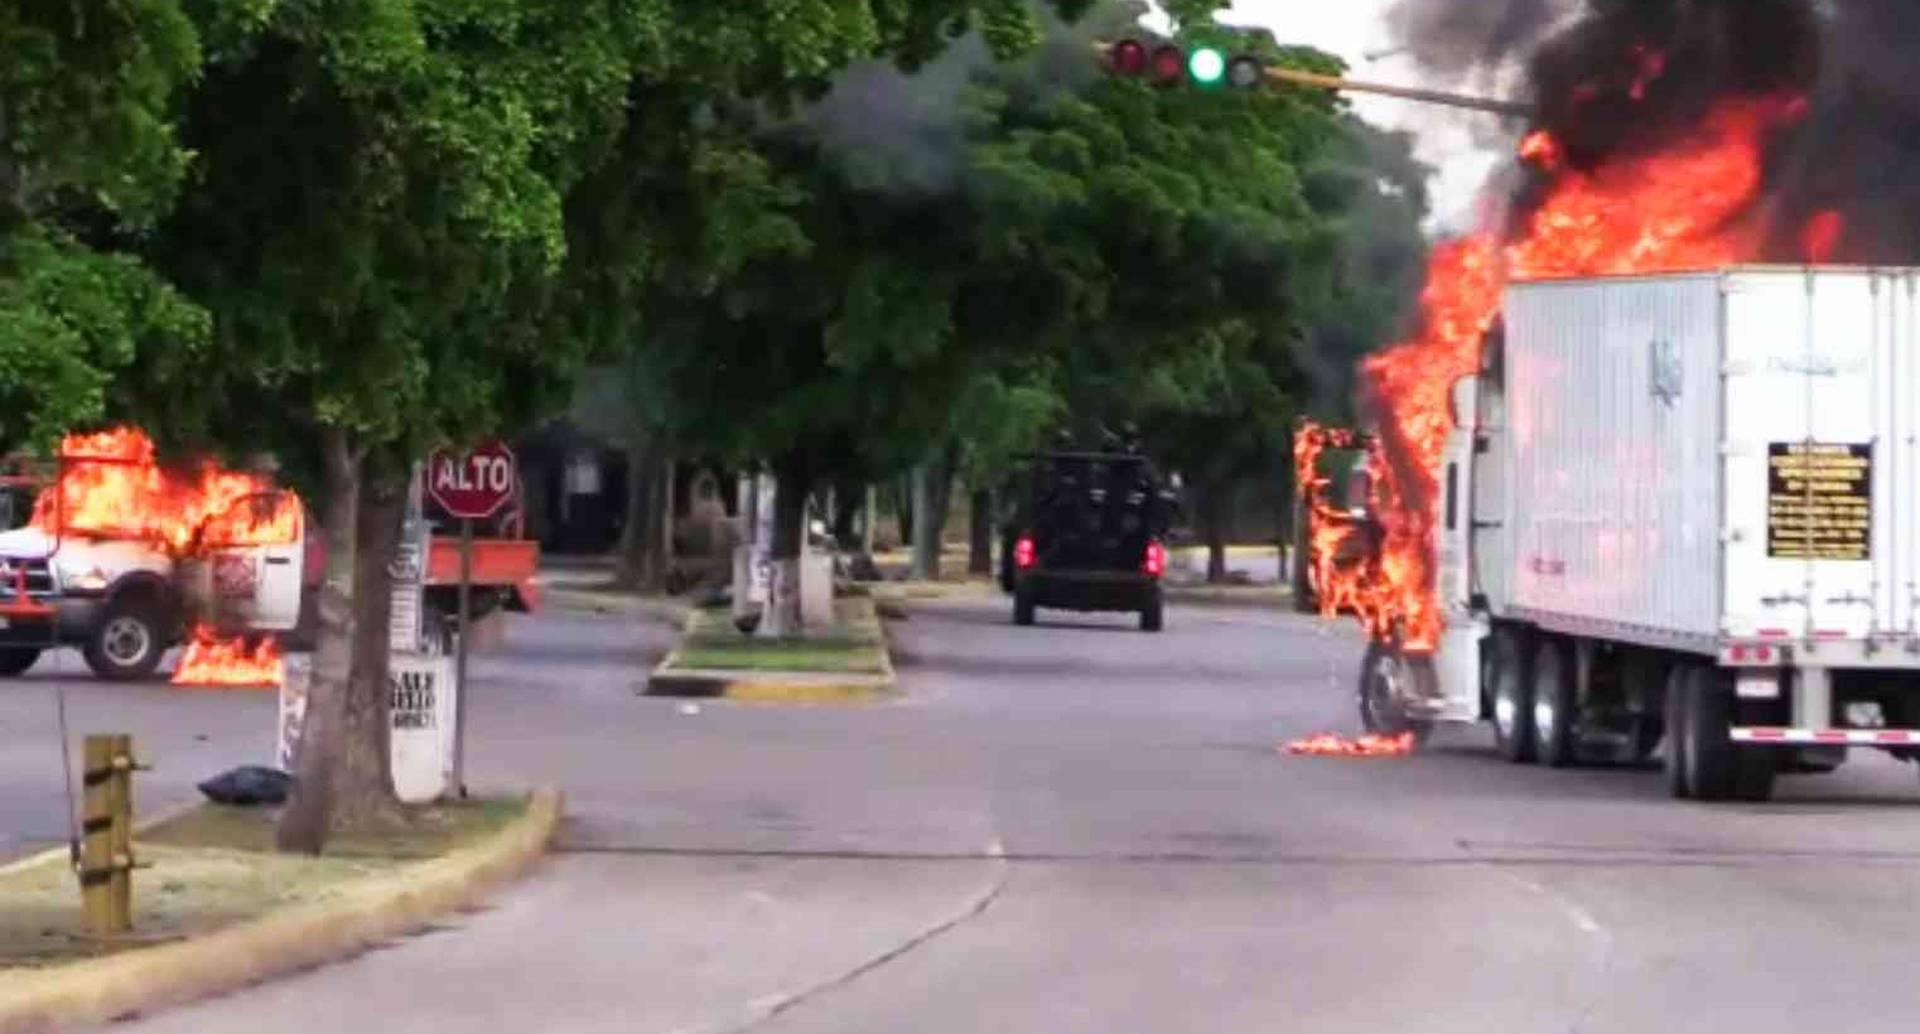 Culiacán sucumbió al caos. Ráfagas de balas, carros en fuego y sangre en el pavimento fueron el reflejo del horror.